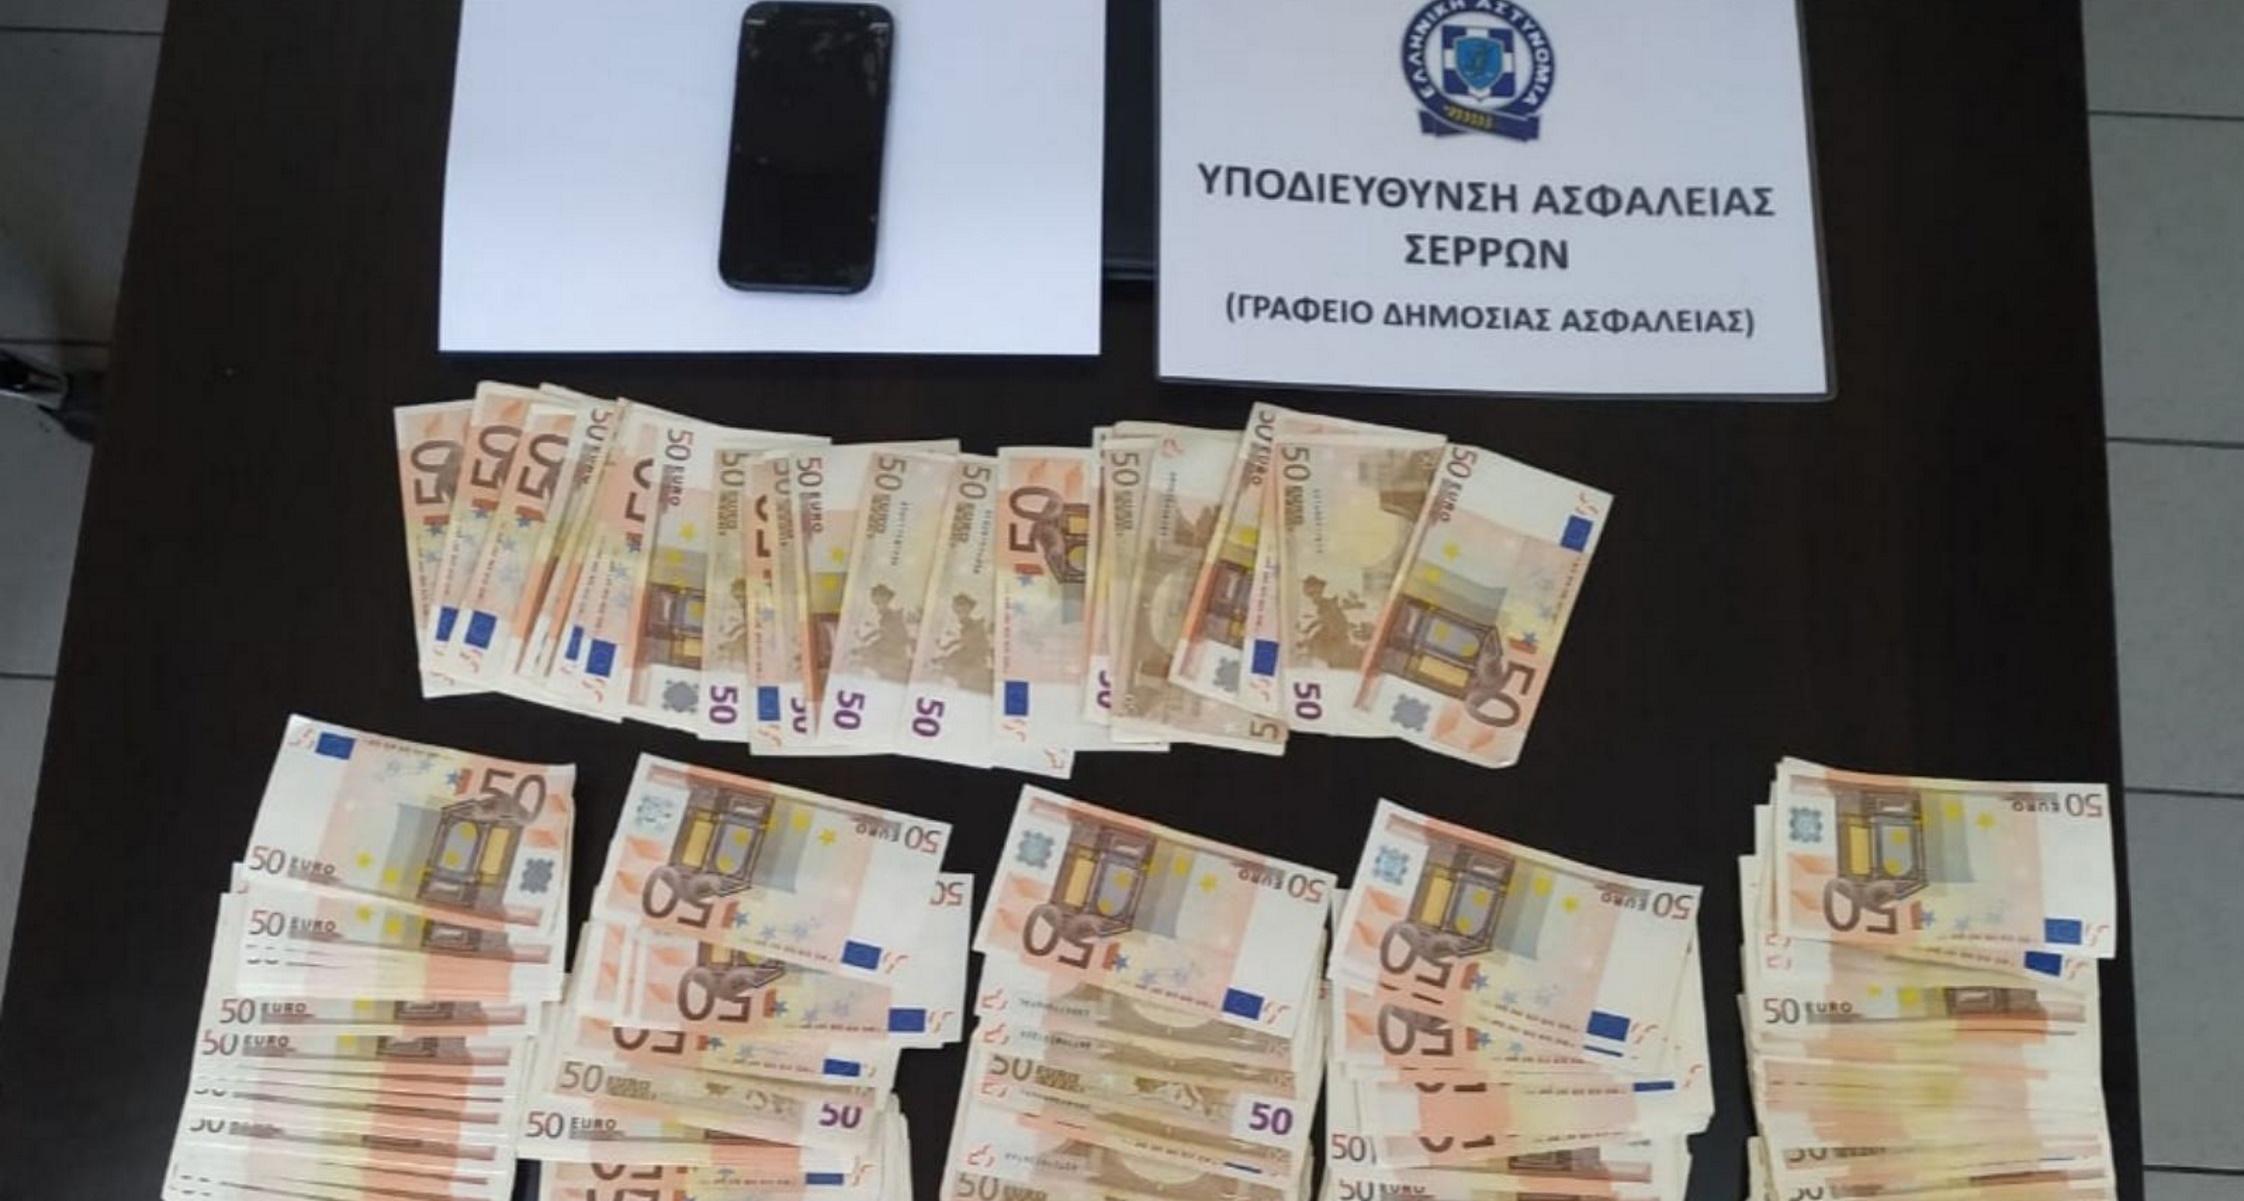 Σέρρες: Τηλεφωνικές απάτες – «Συγγενής χρειάζεται λεφτά για λεπτή χειρουργική επέμβαση»